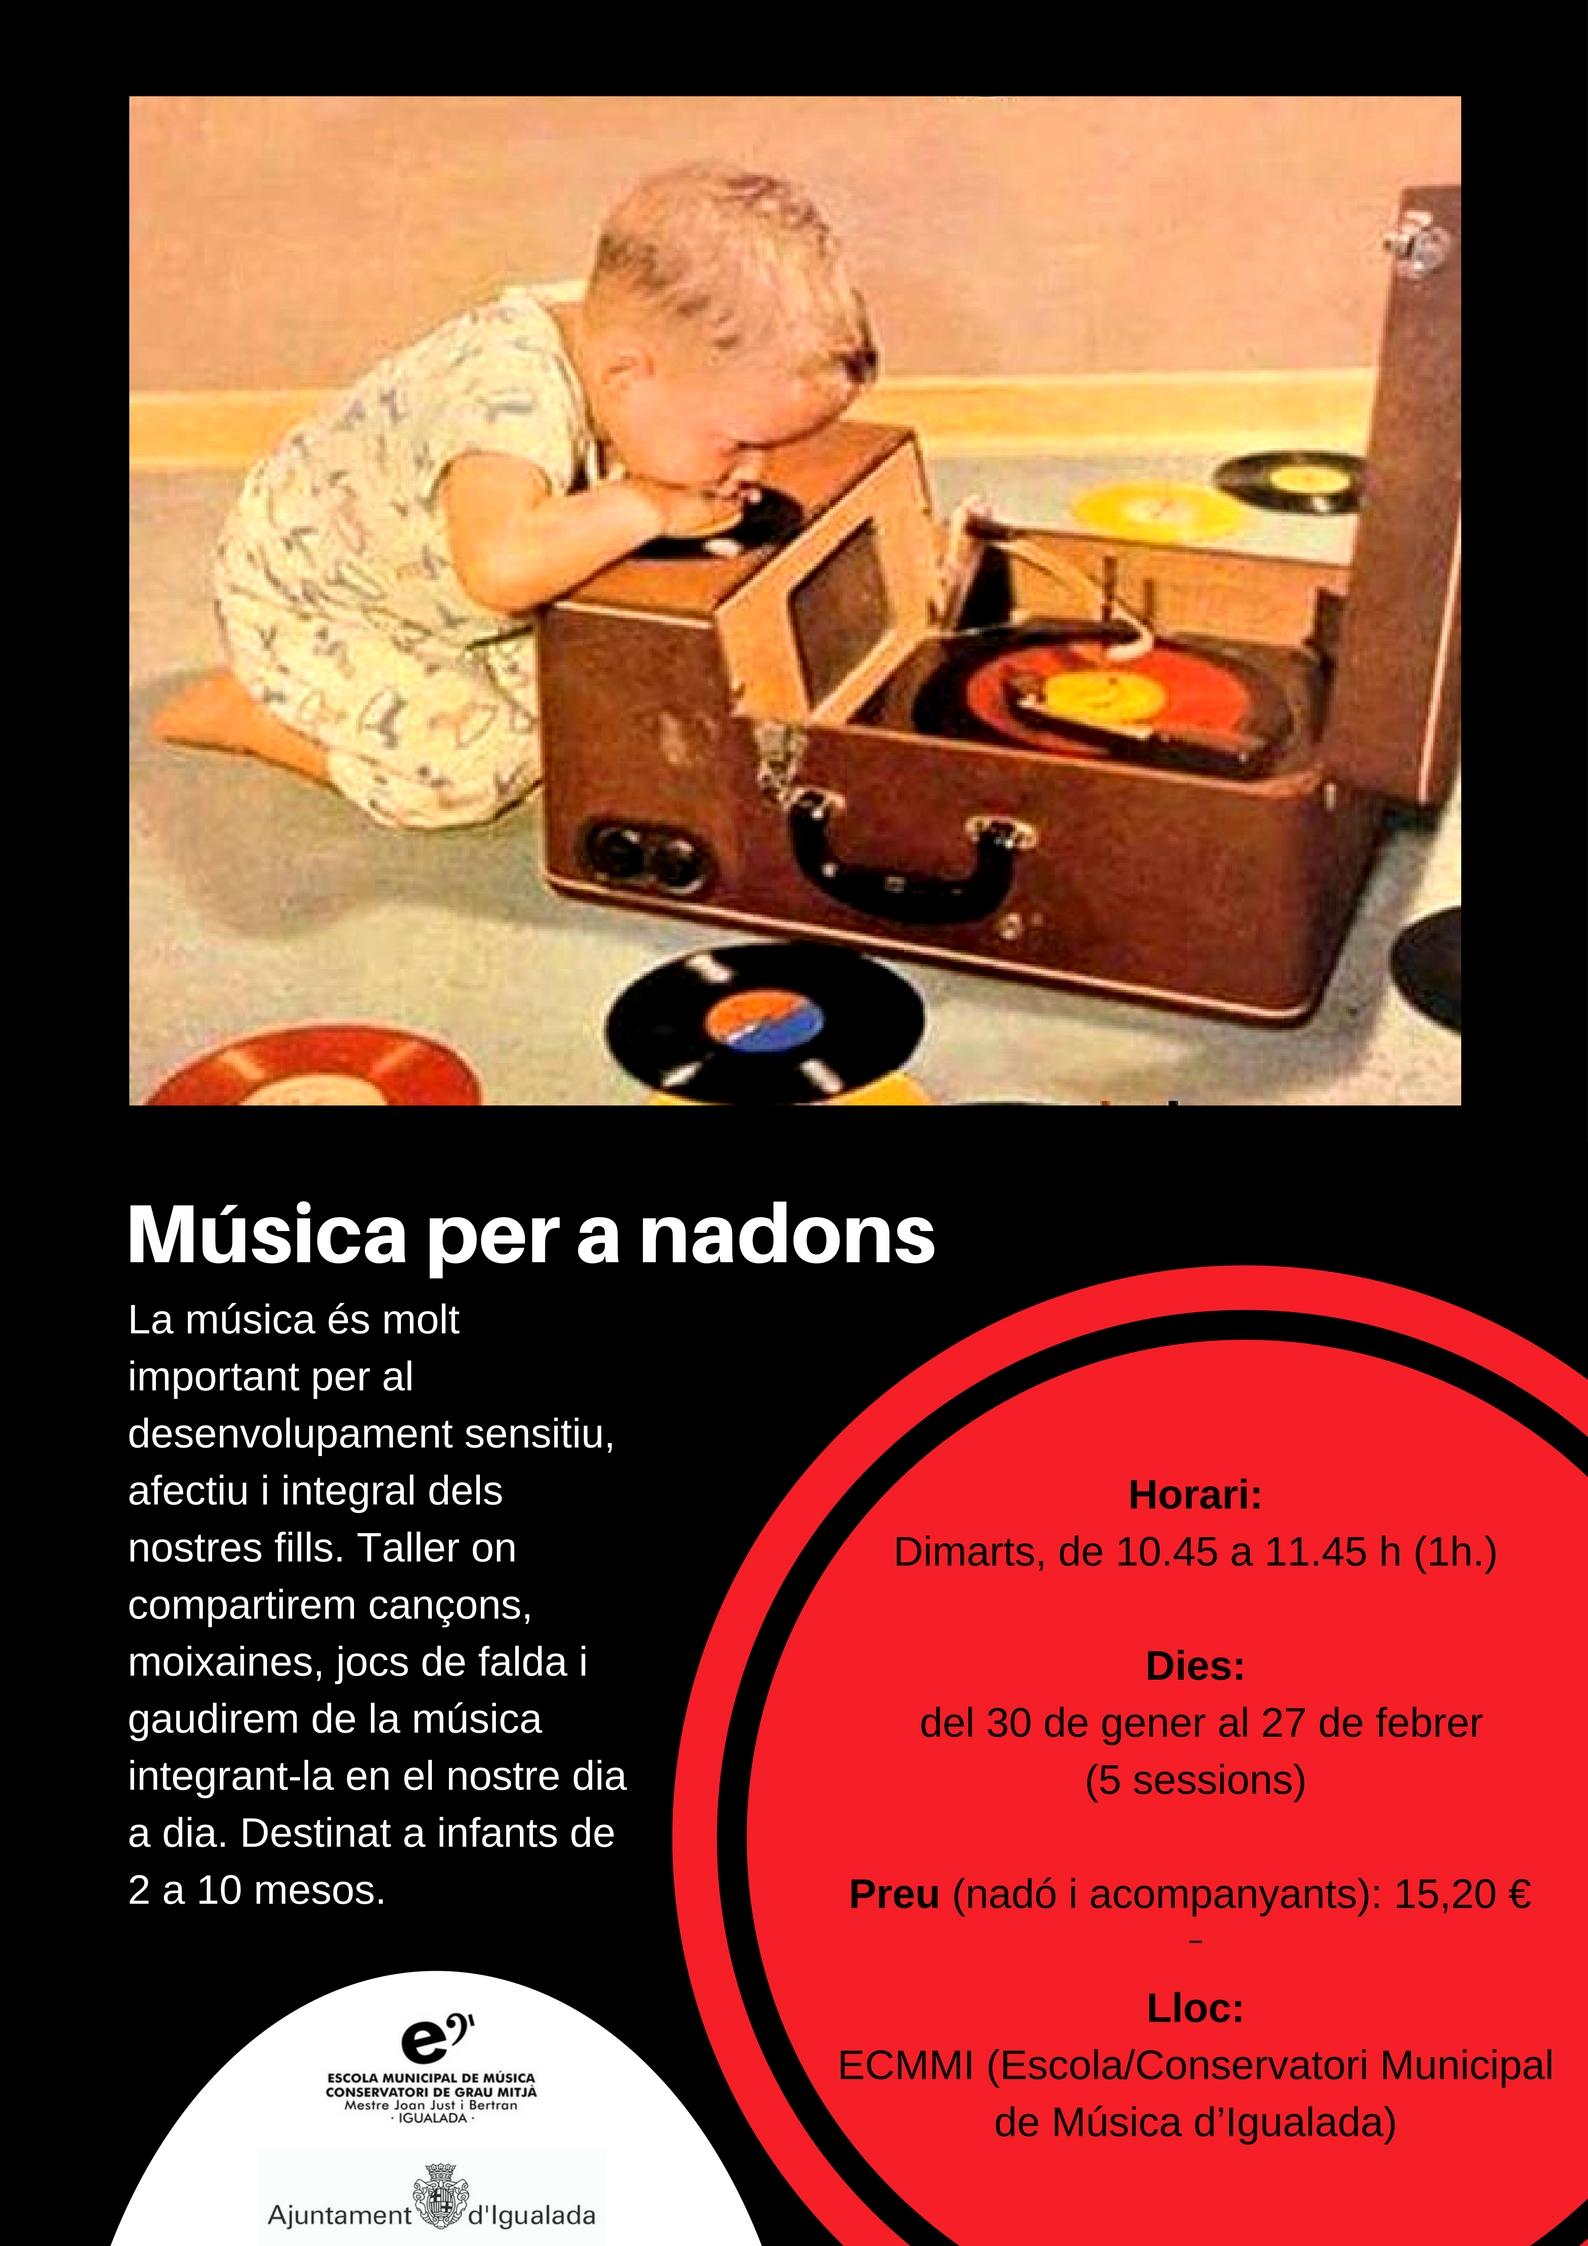 Música per a nadons